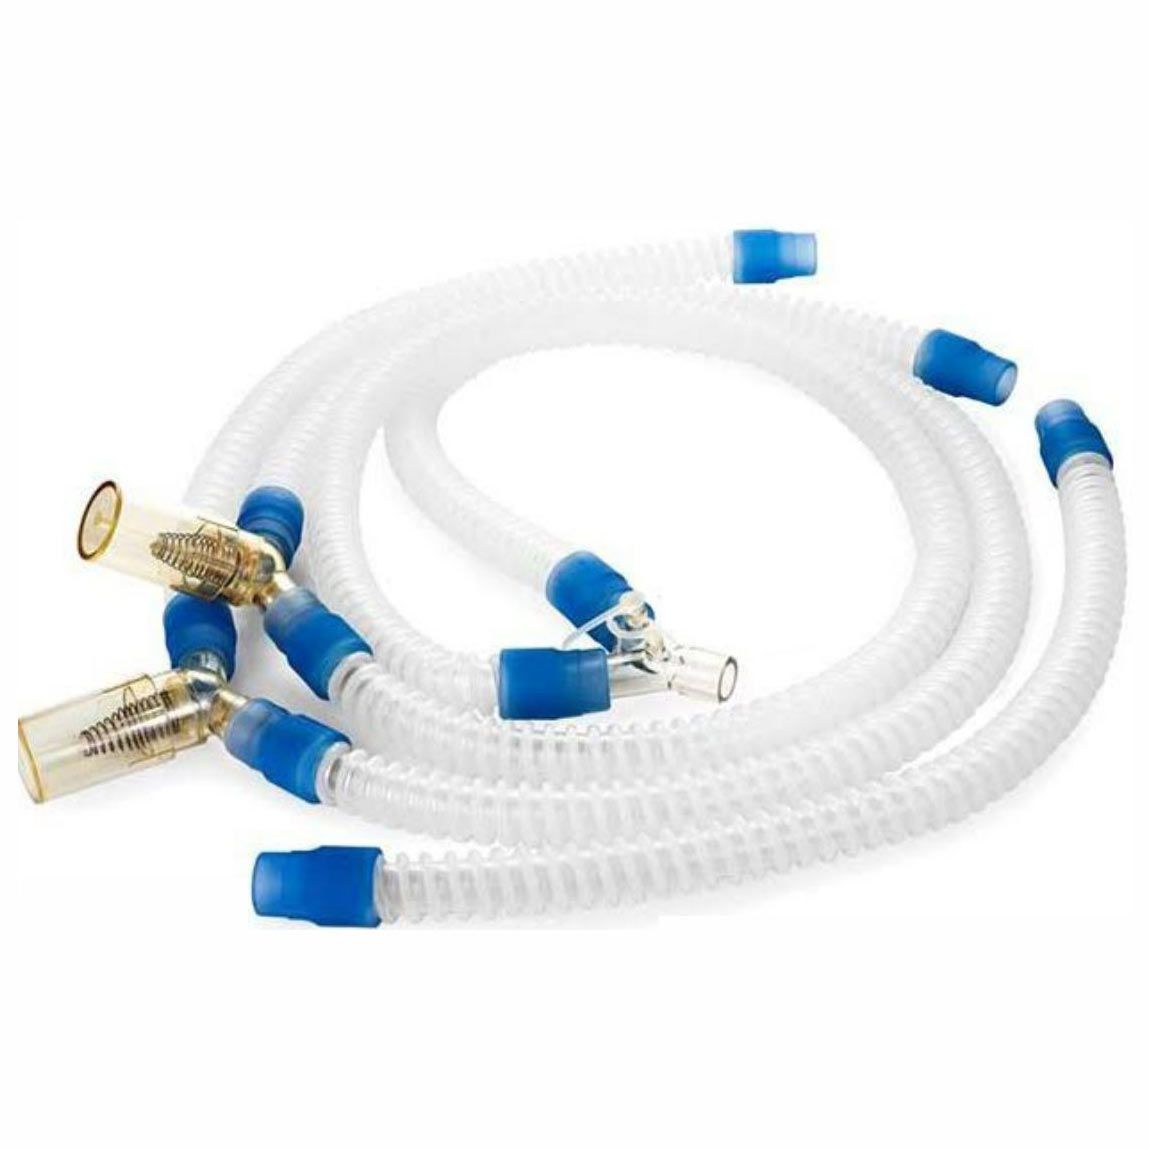 Circuito para ventilador/respirador universal em silicone autoclavavel